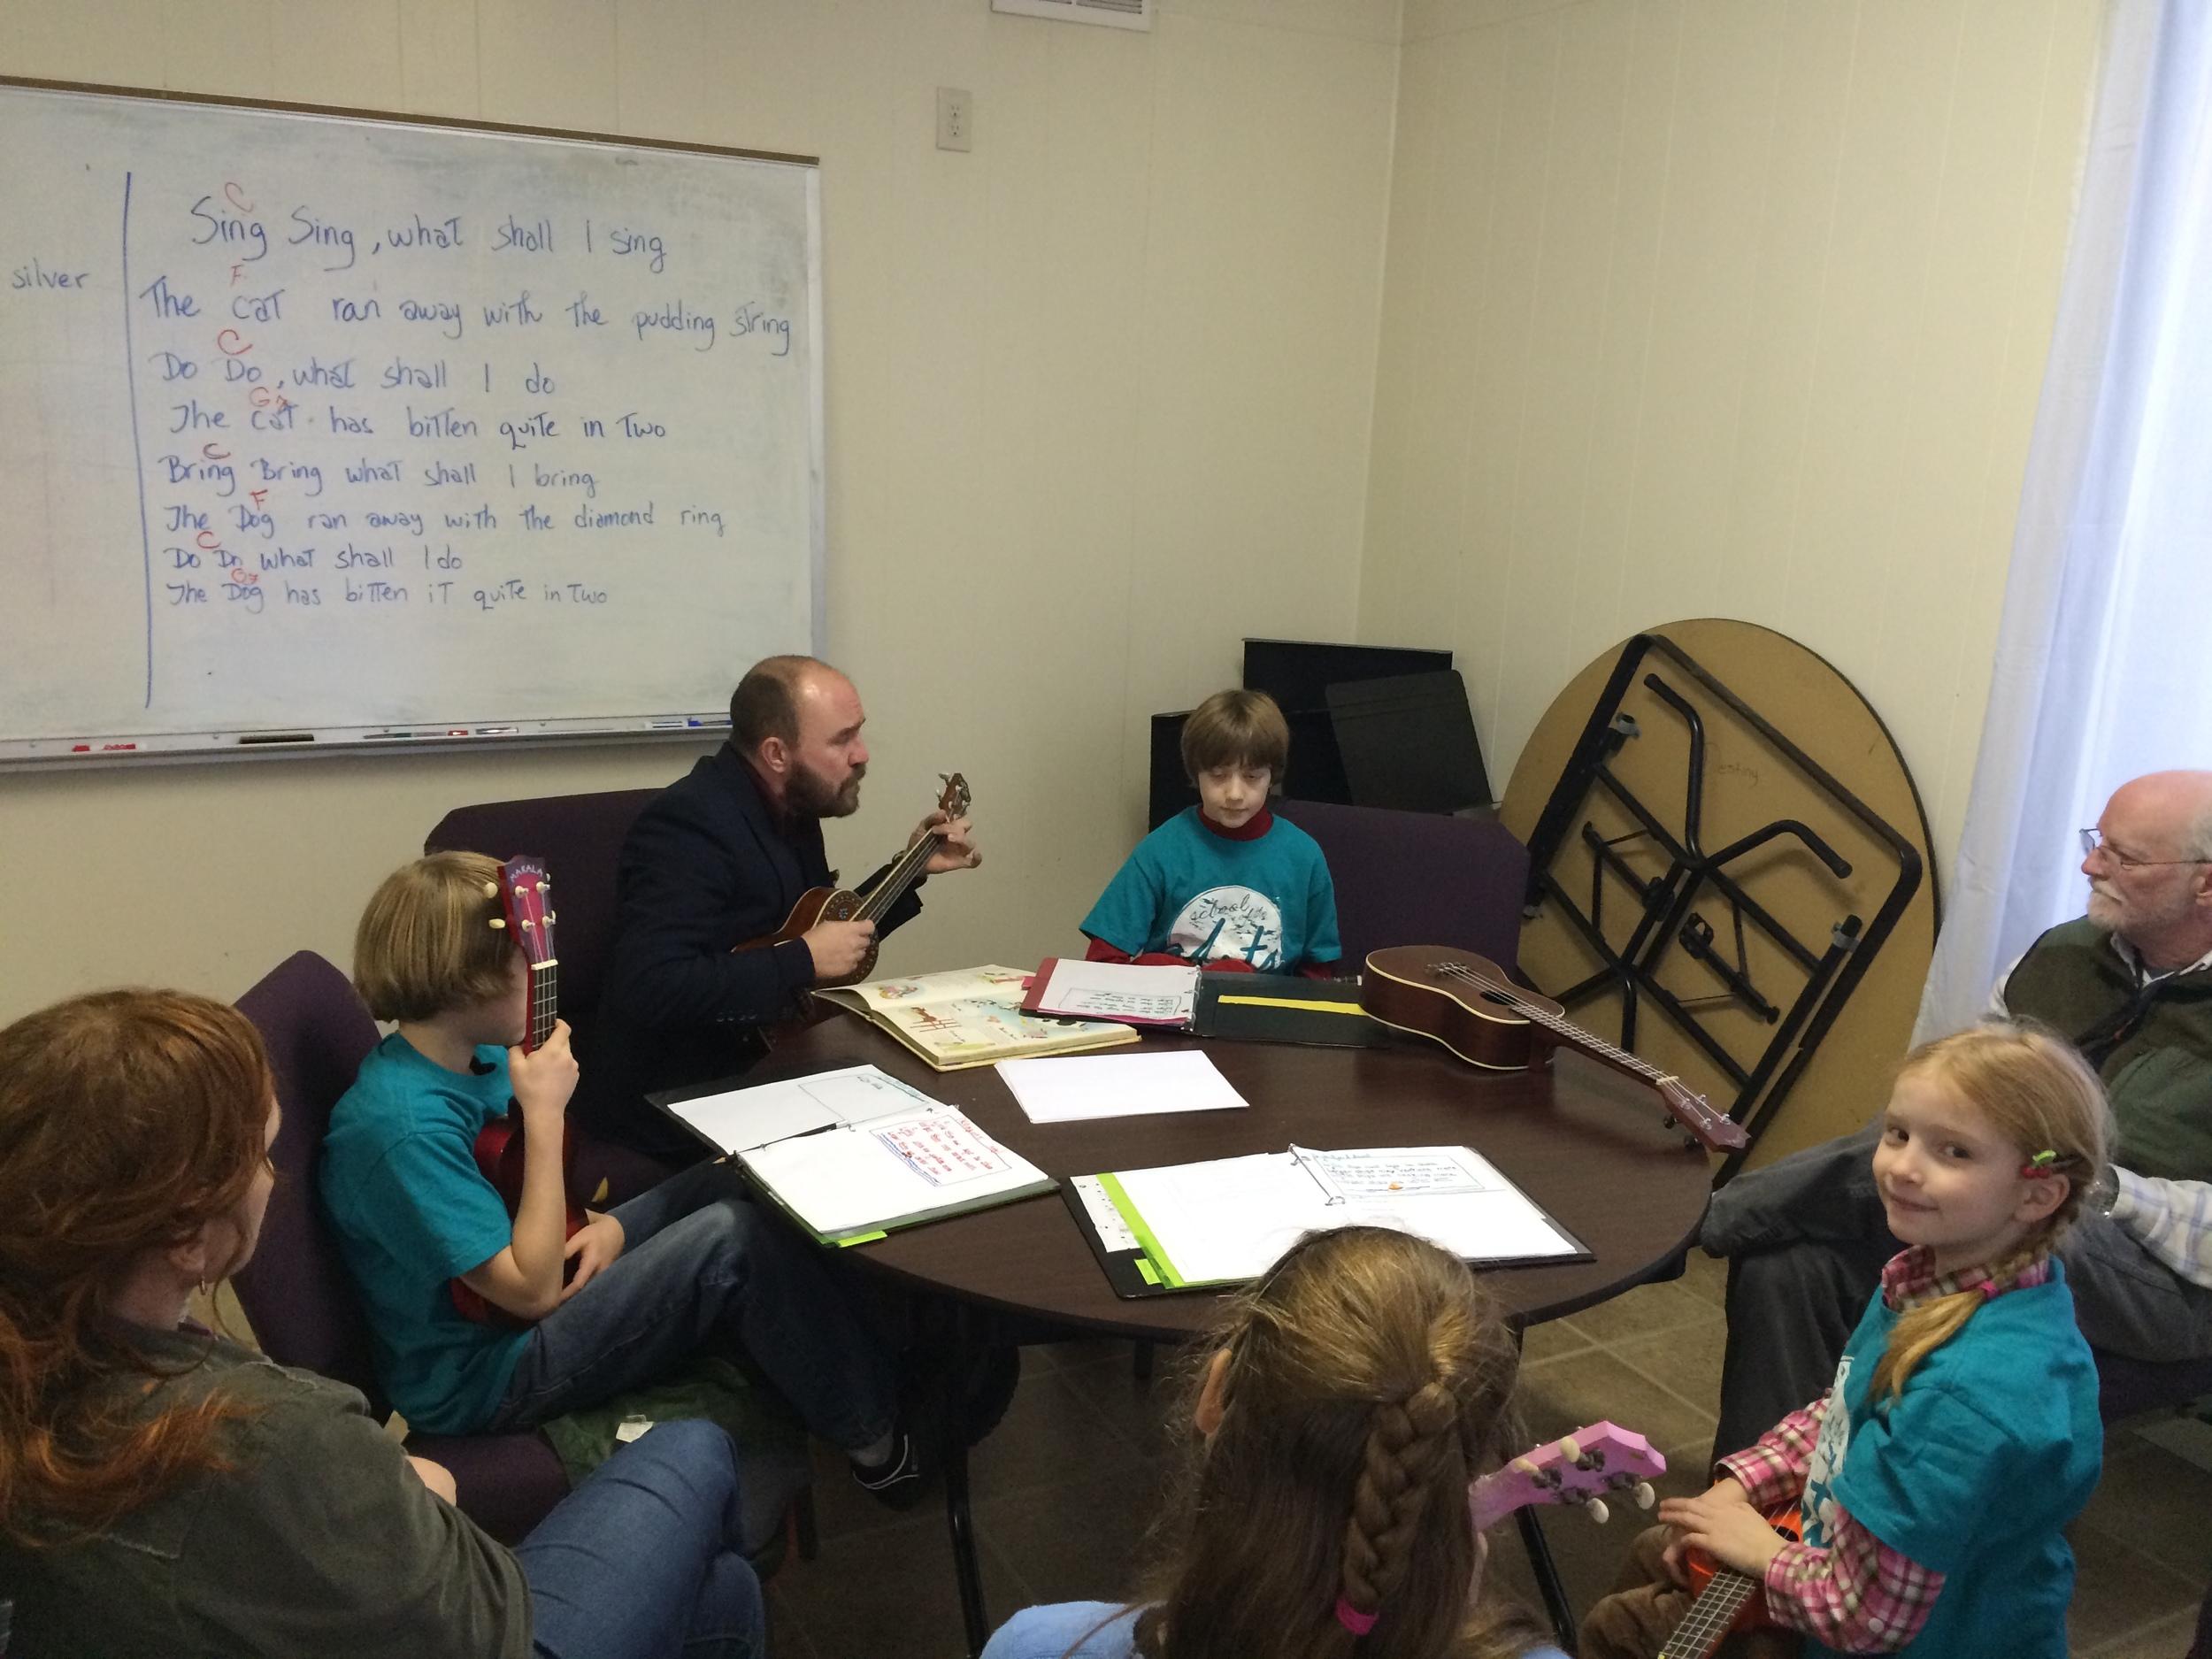 Songwriting in Kookoolele class